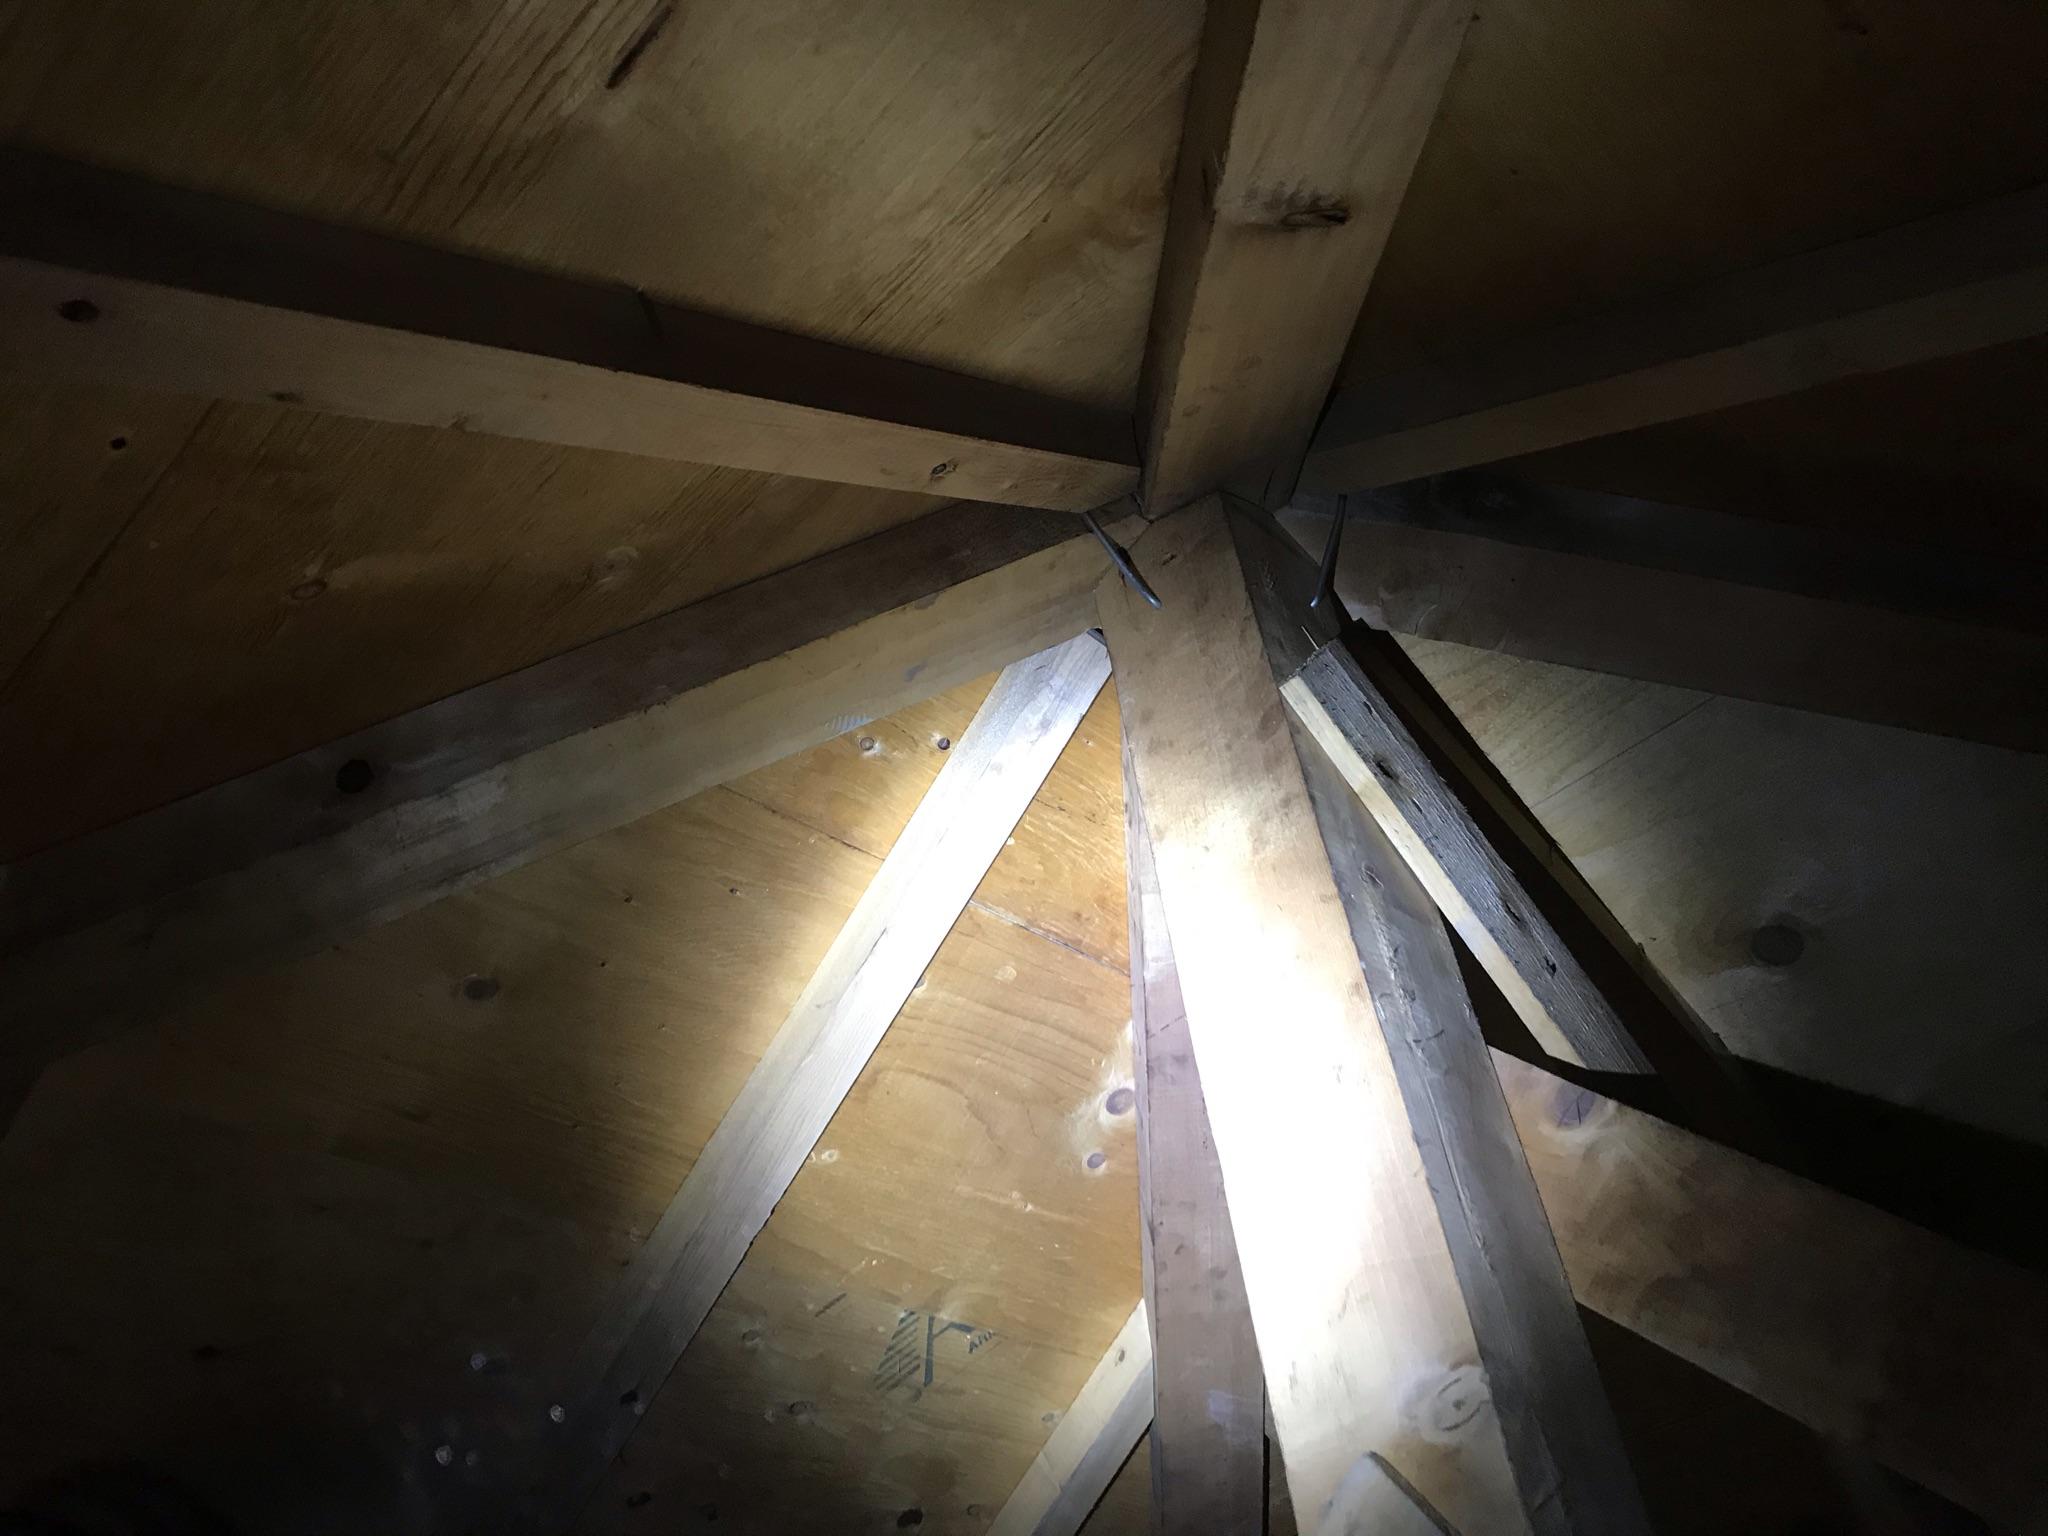 上尾市原市 築約20年のお宅から外壁塗装の現地調査と困っている雨漏りの原因箇所を調査依頼です